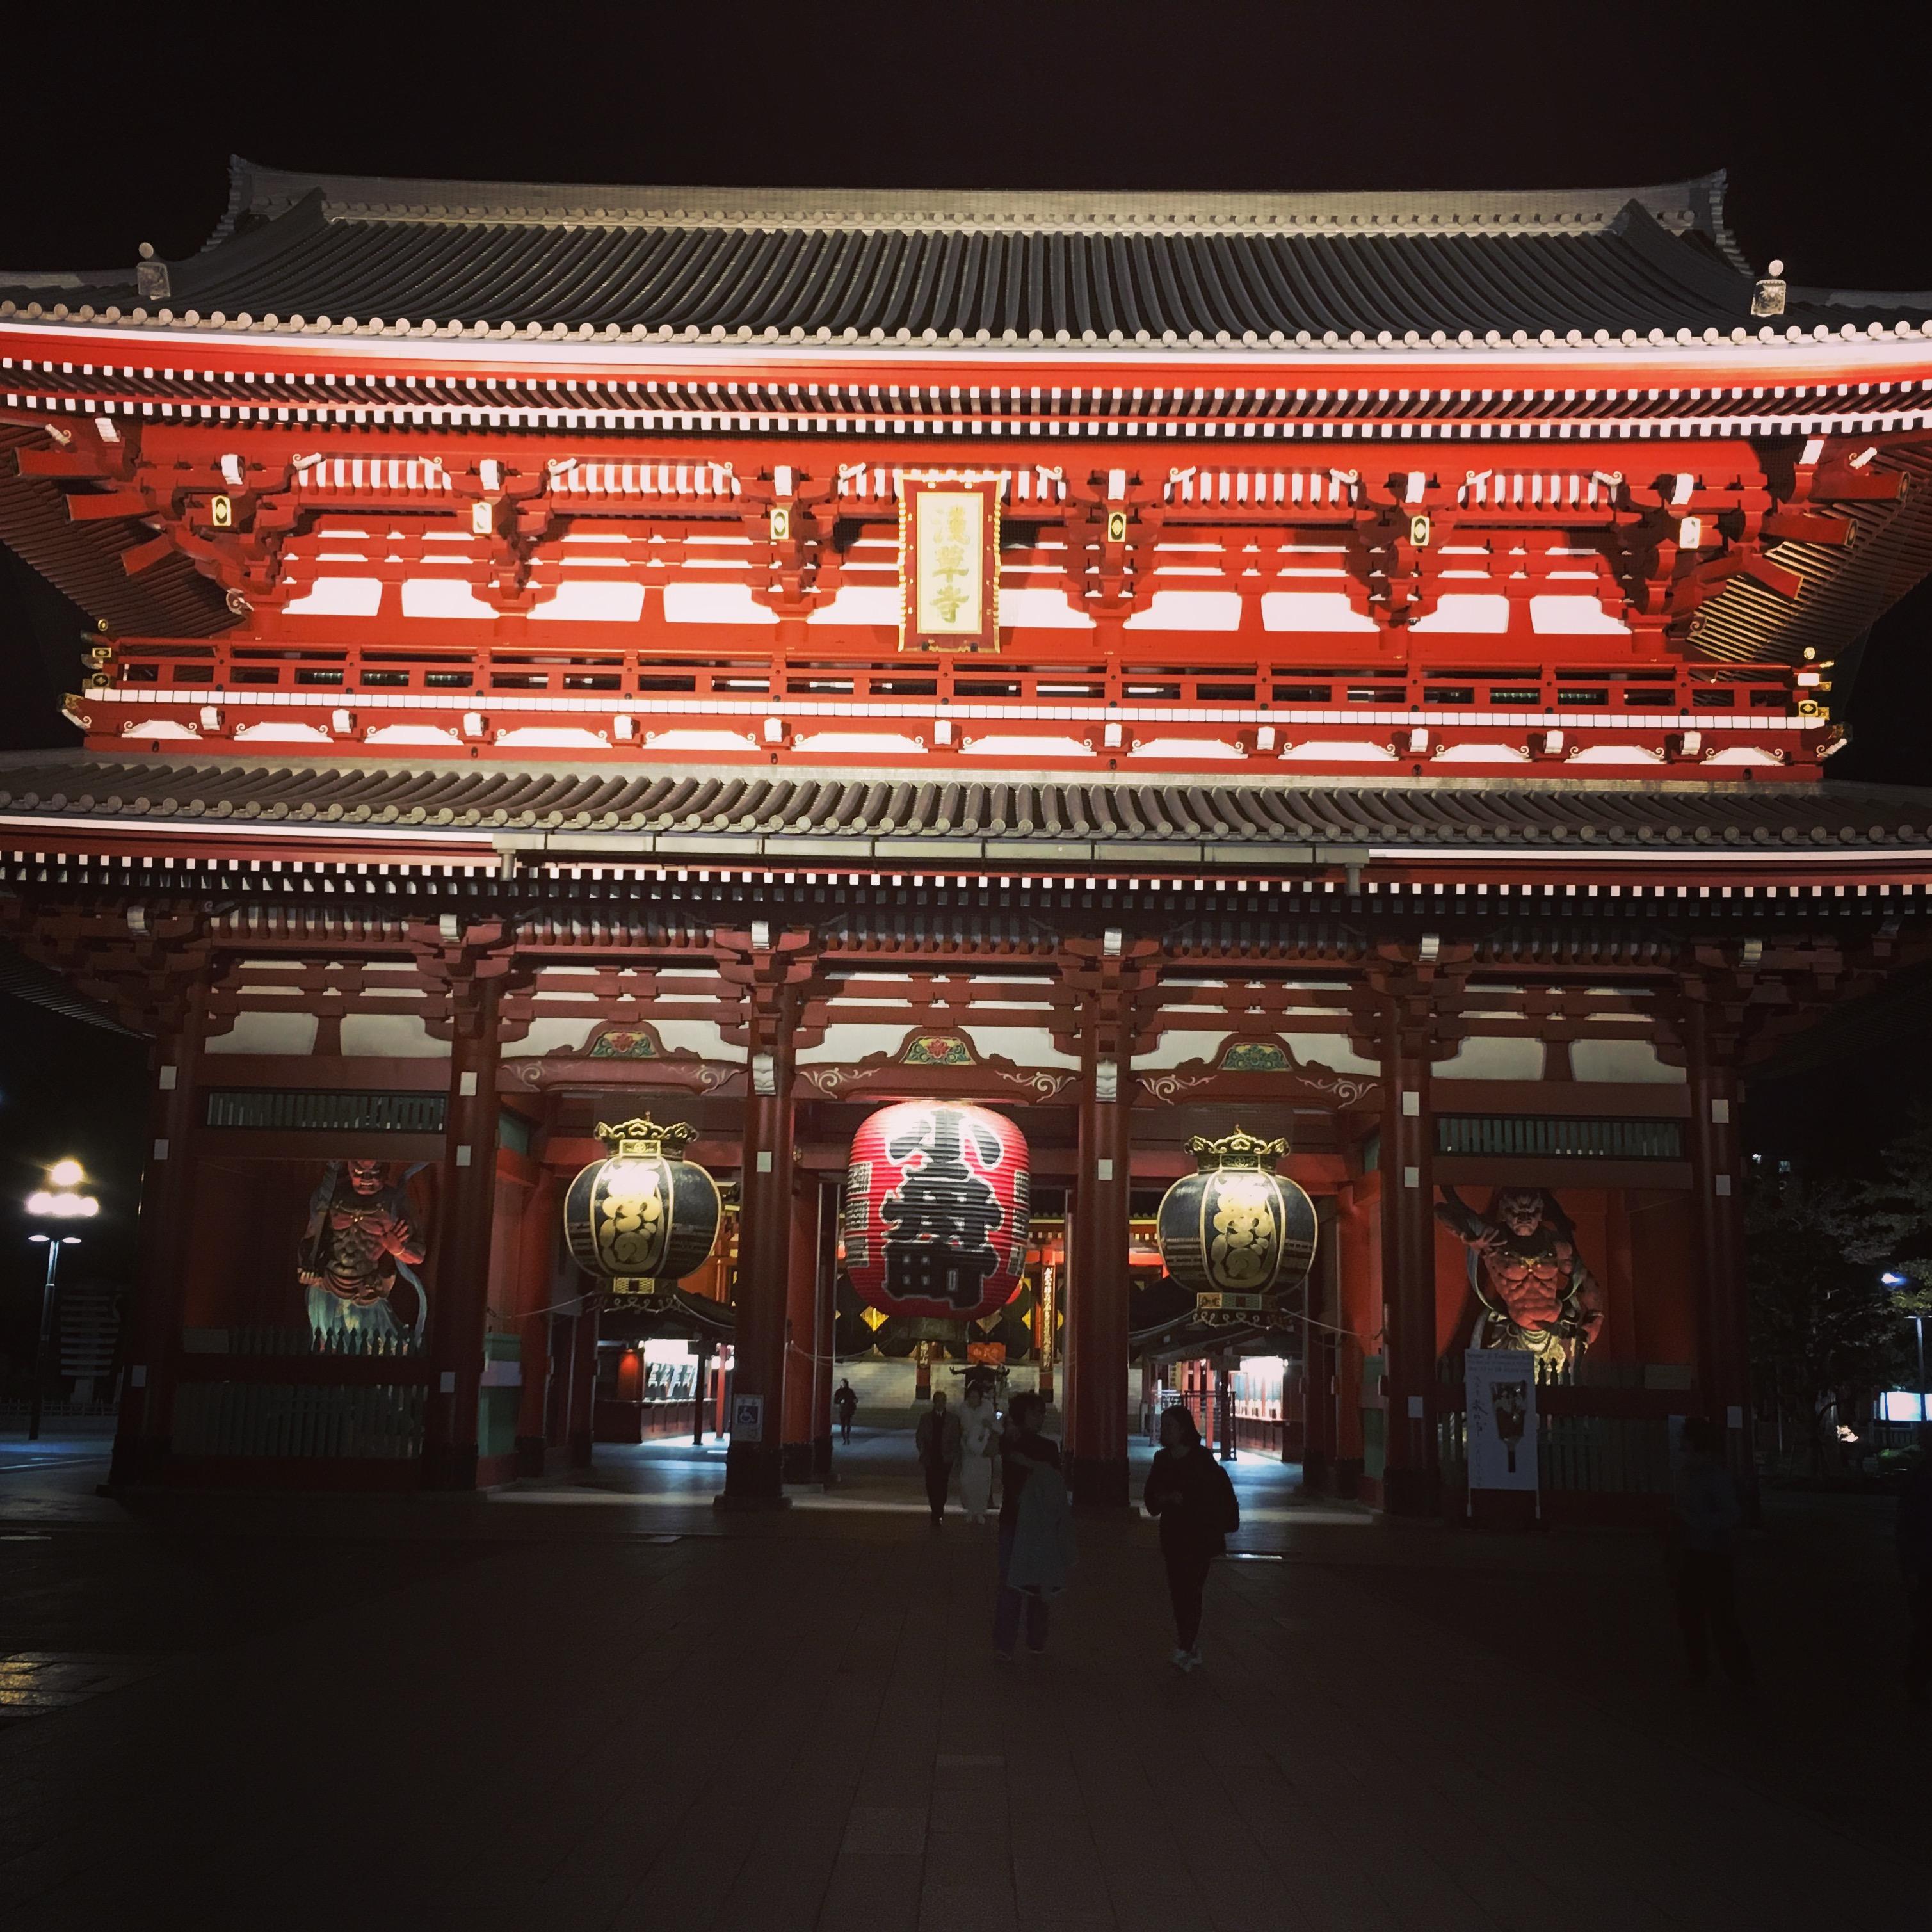 Kaminarimon-Tokyo-Asakusa-Giappone